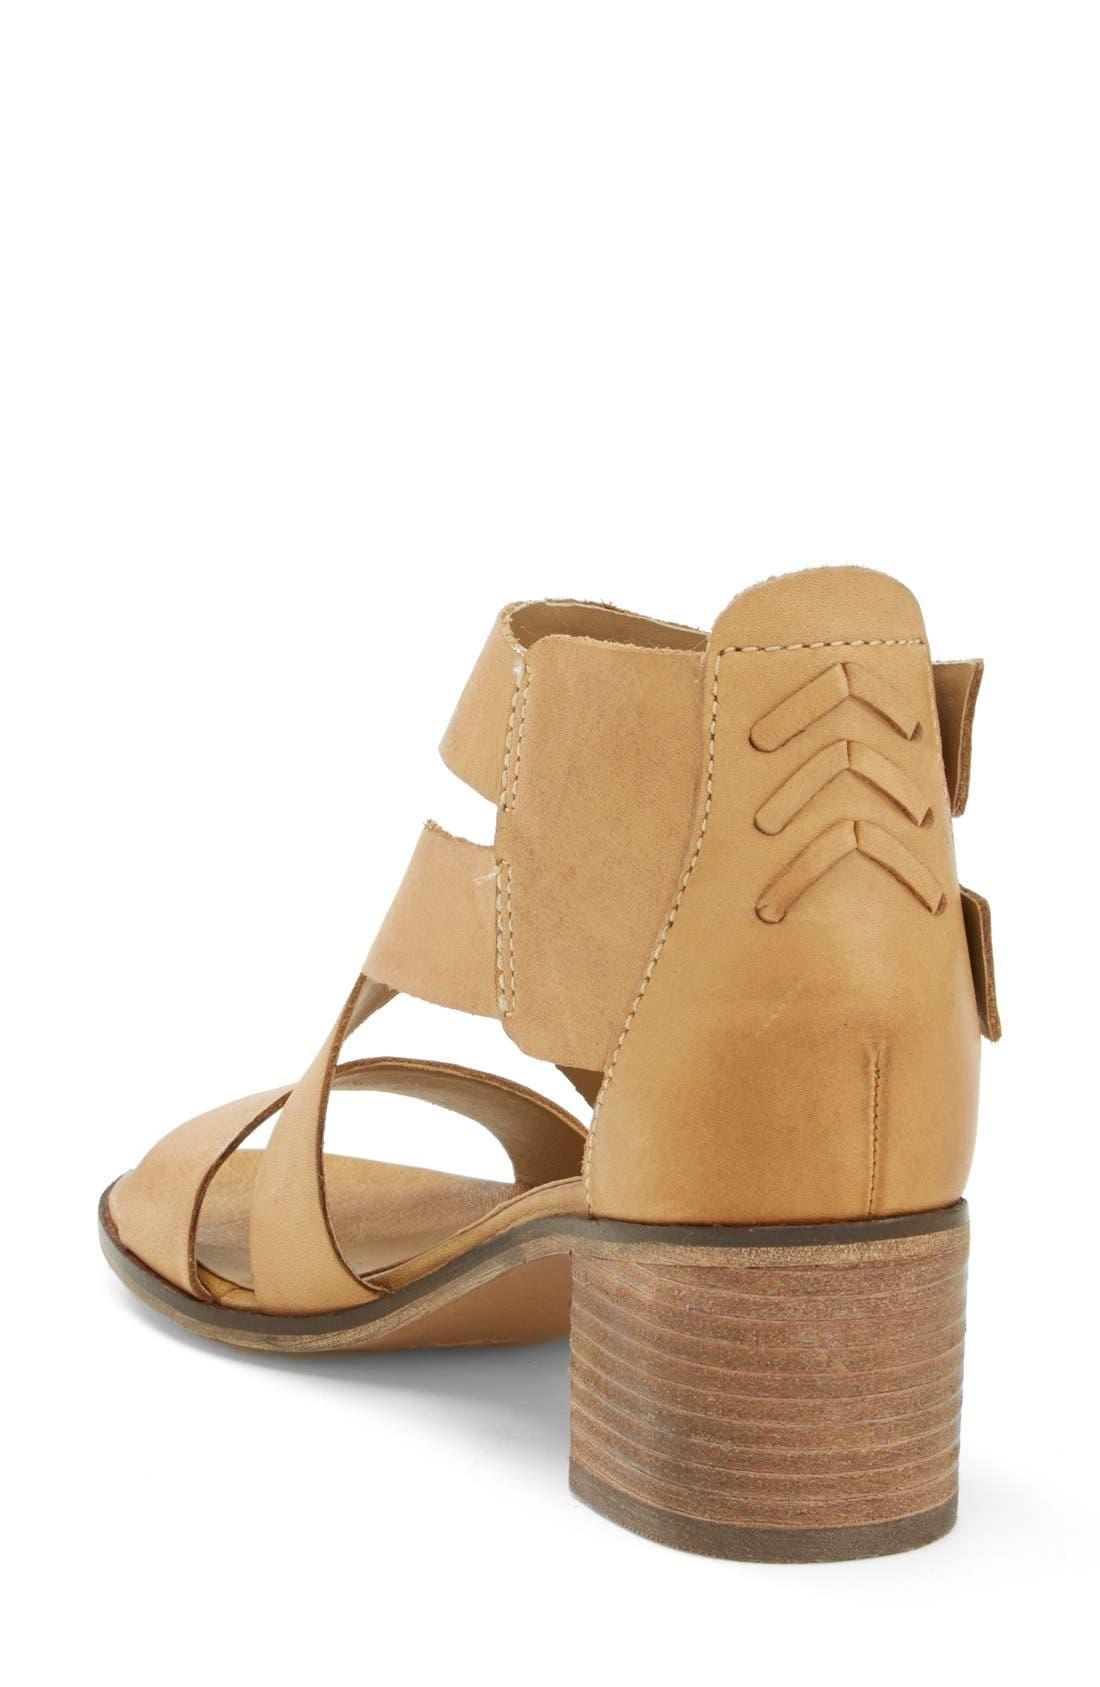 Alternate Image 2  - Steve Madden 'Rosana' Double Ankle Strap Leather Sandal (Women)